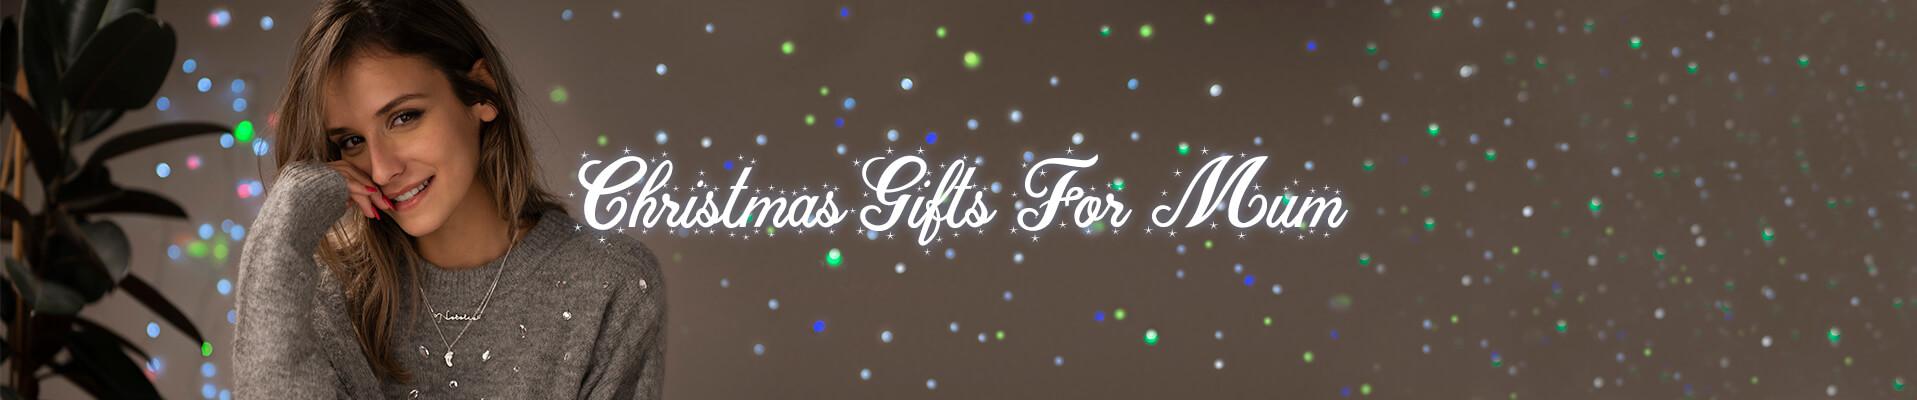 Christmas gifts for mum desktop banner